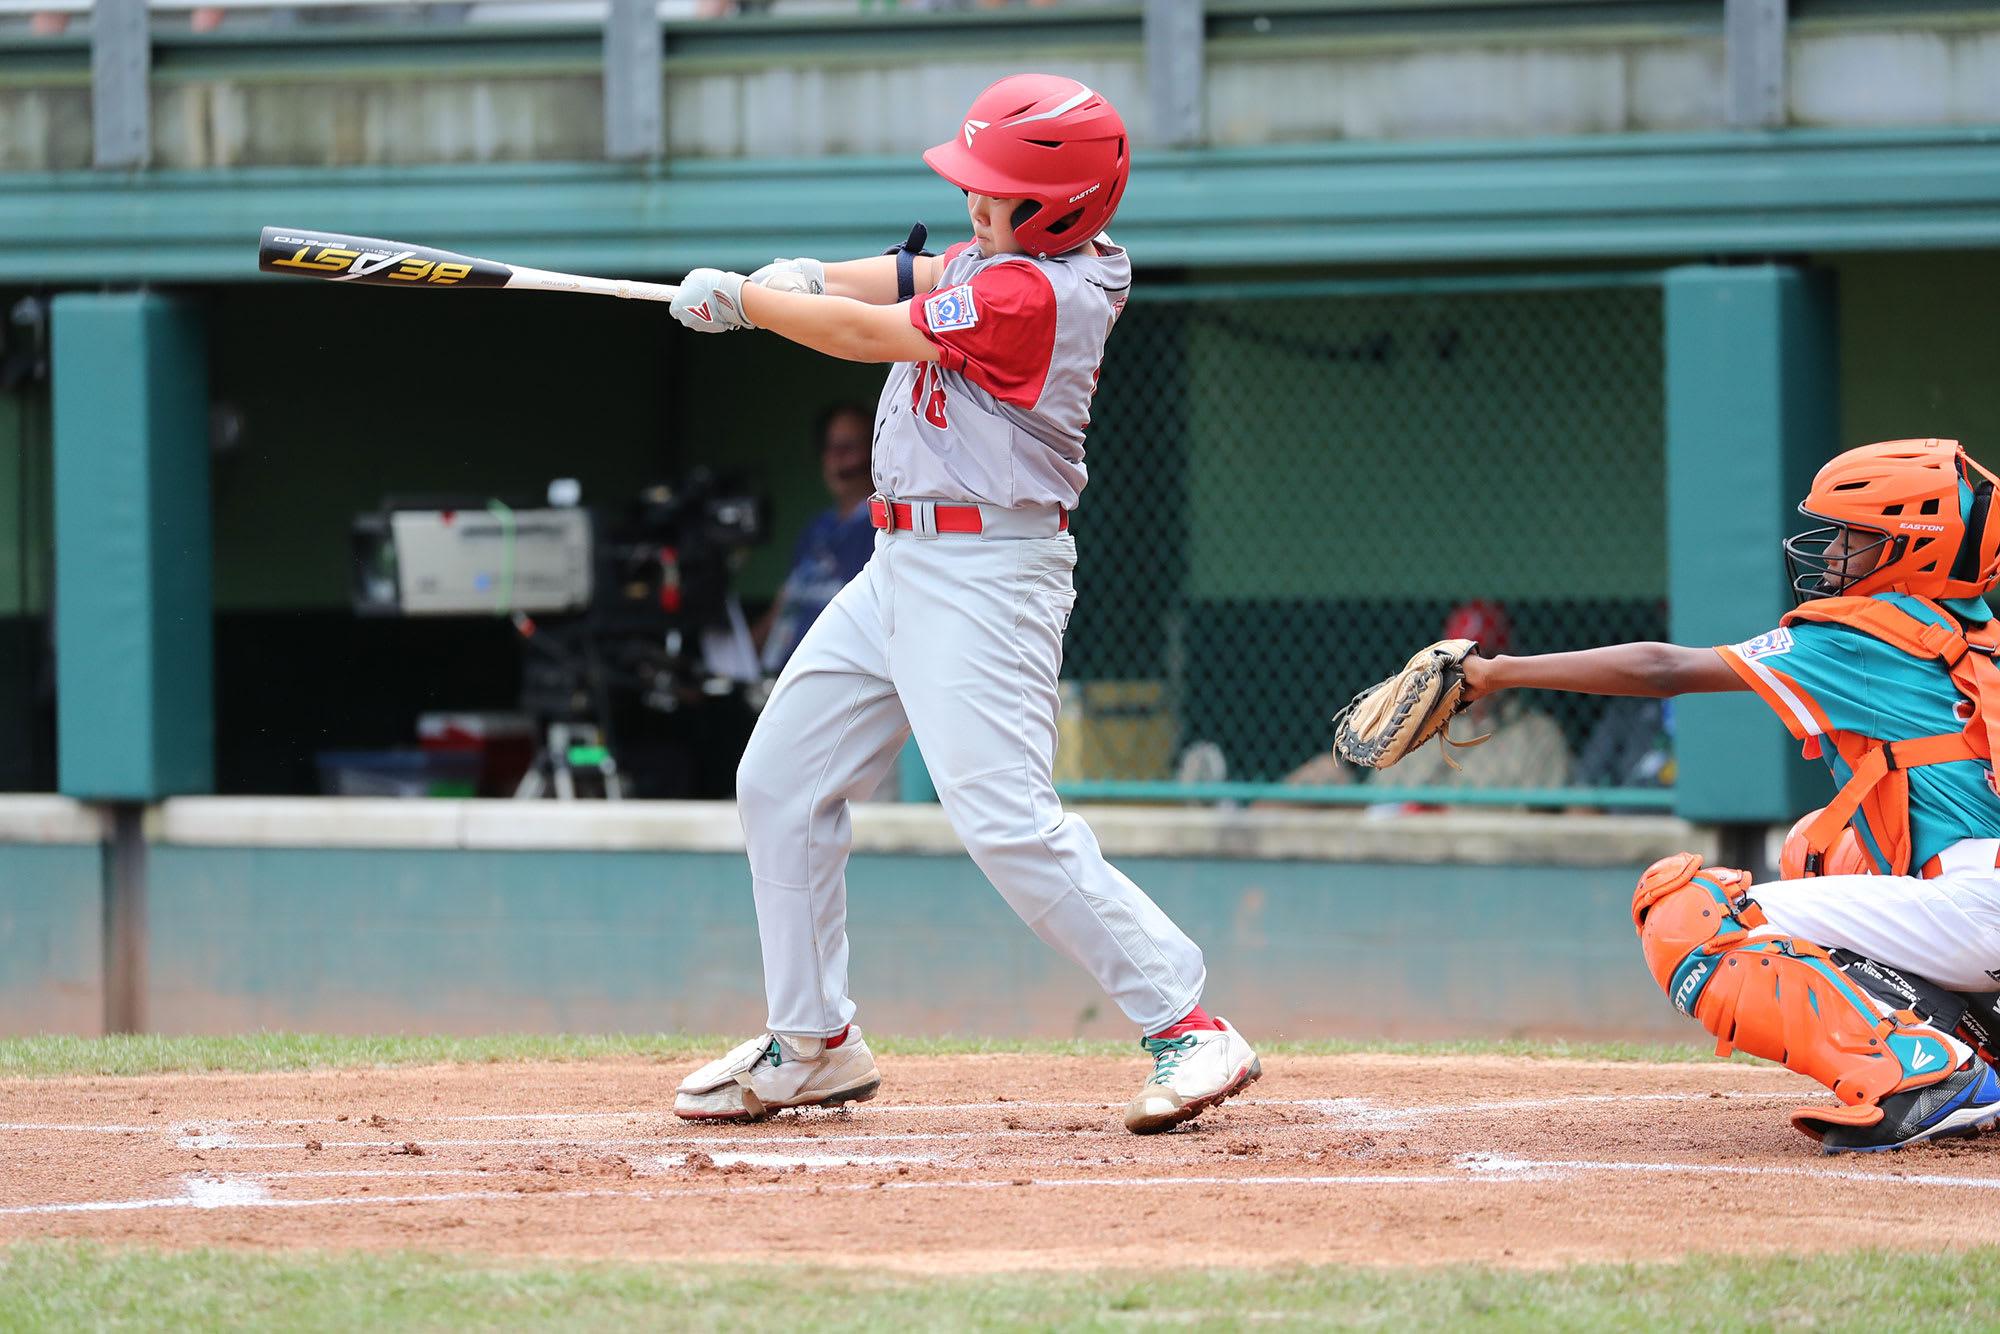 jpn batter